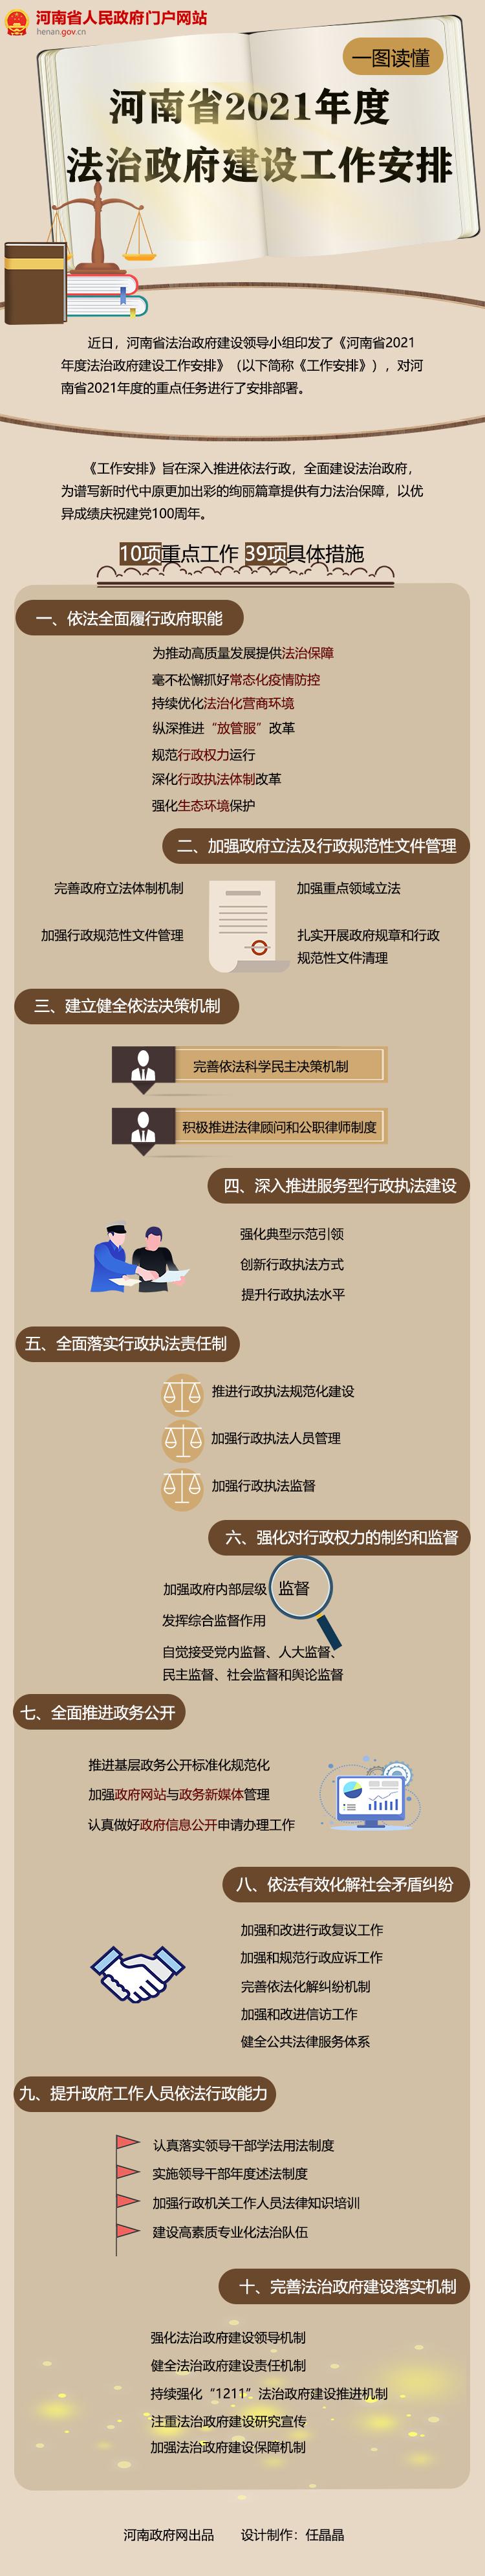 一图读懂丨河南省2021年度法治政府建设工作安排